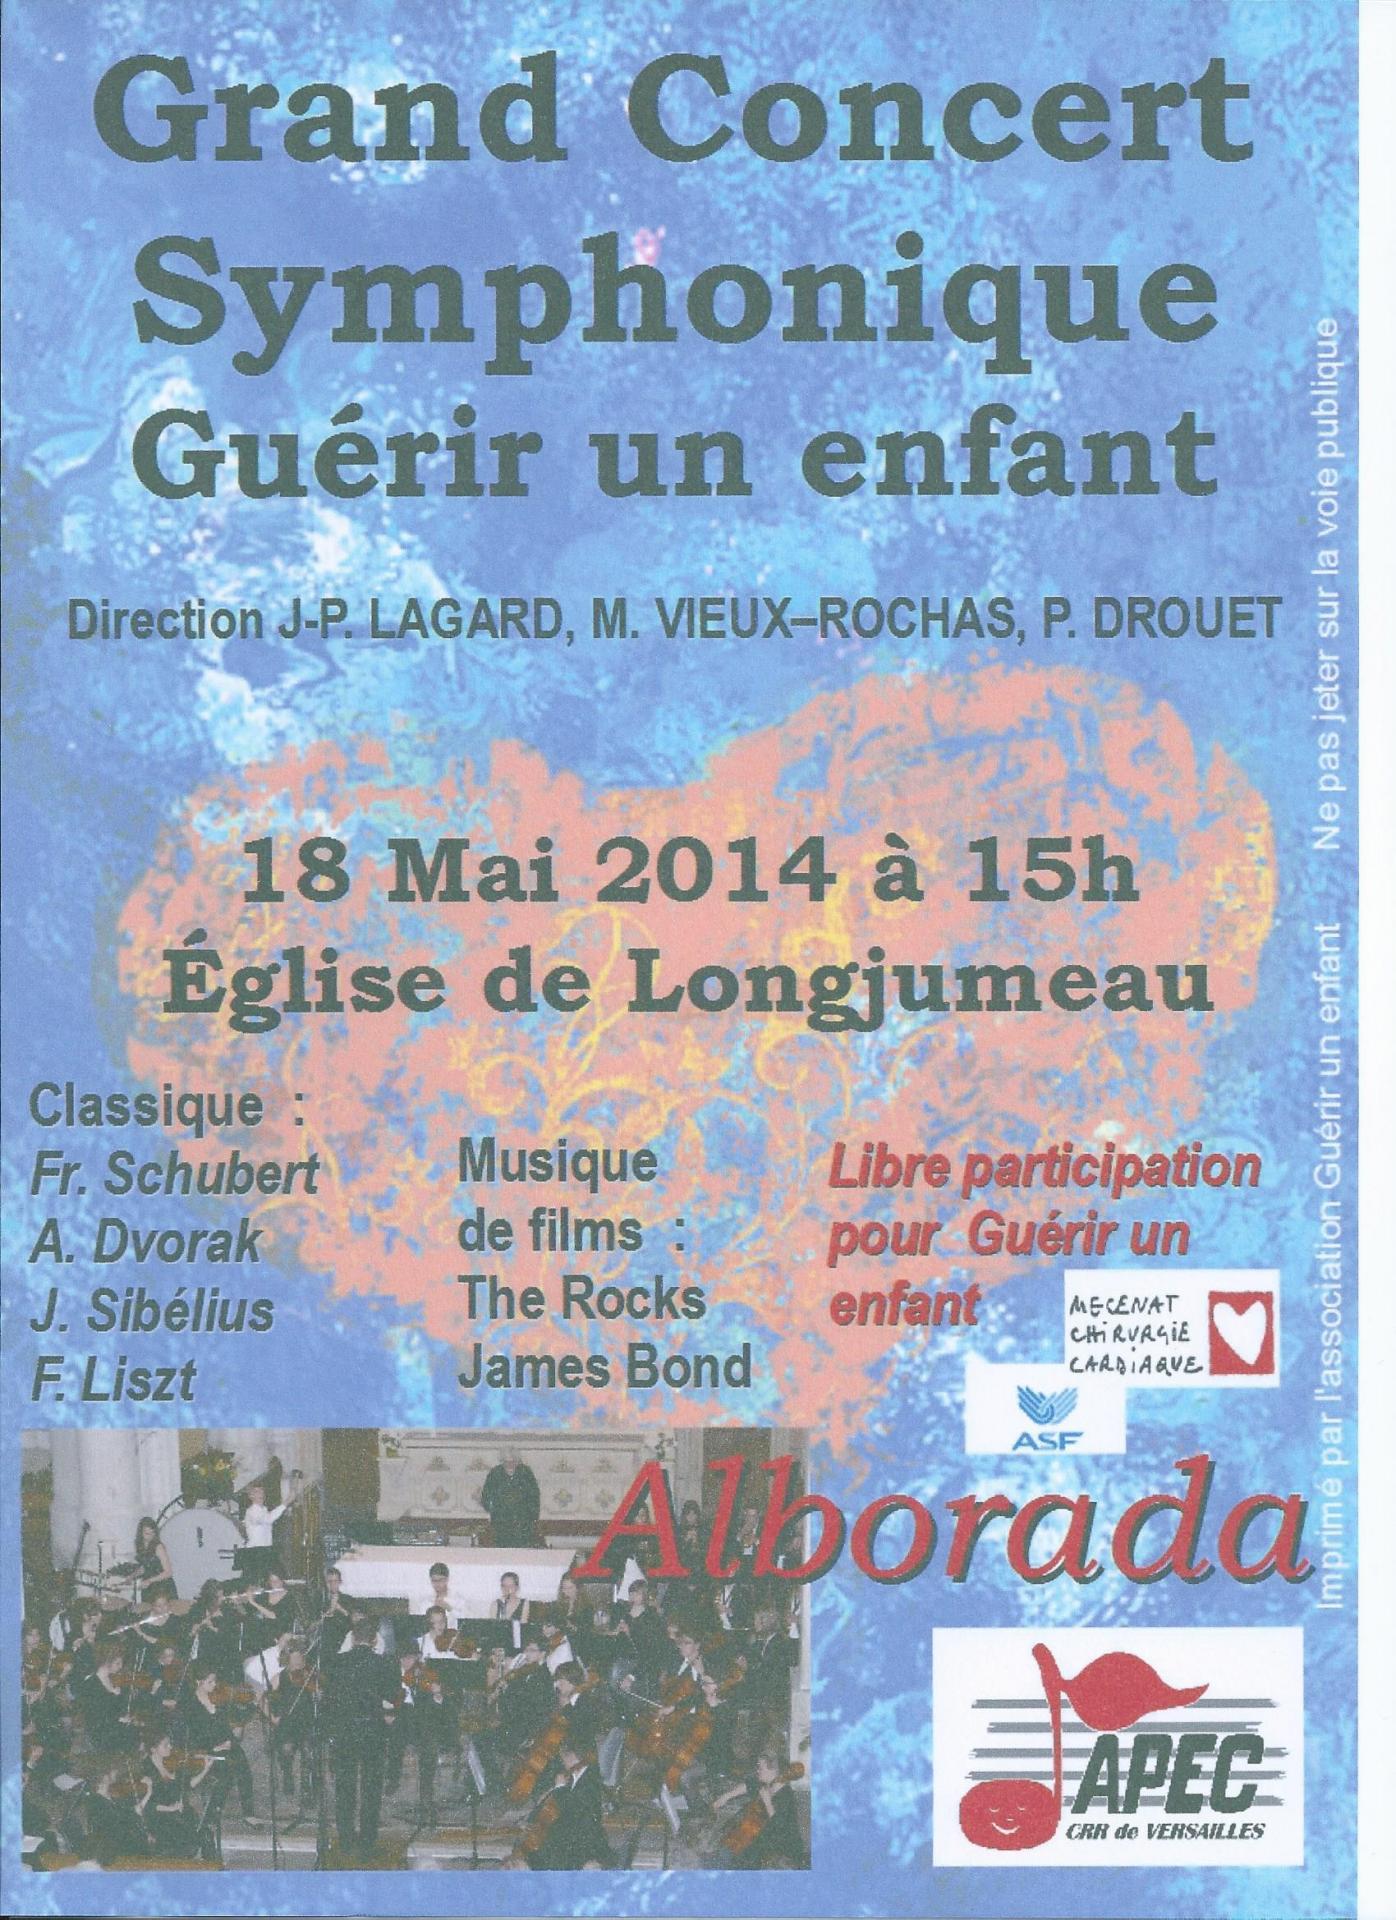 Concert longjumeau 2014